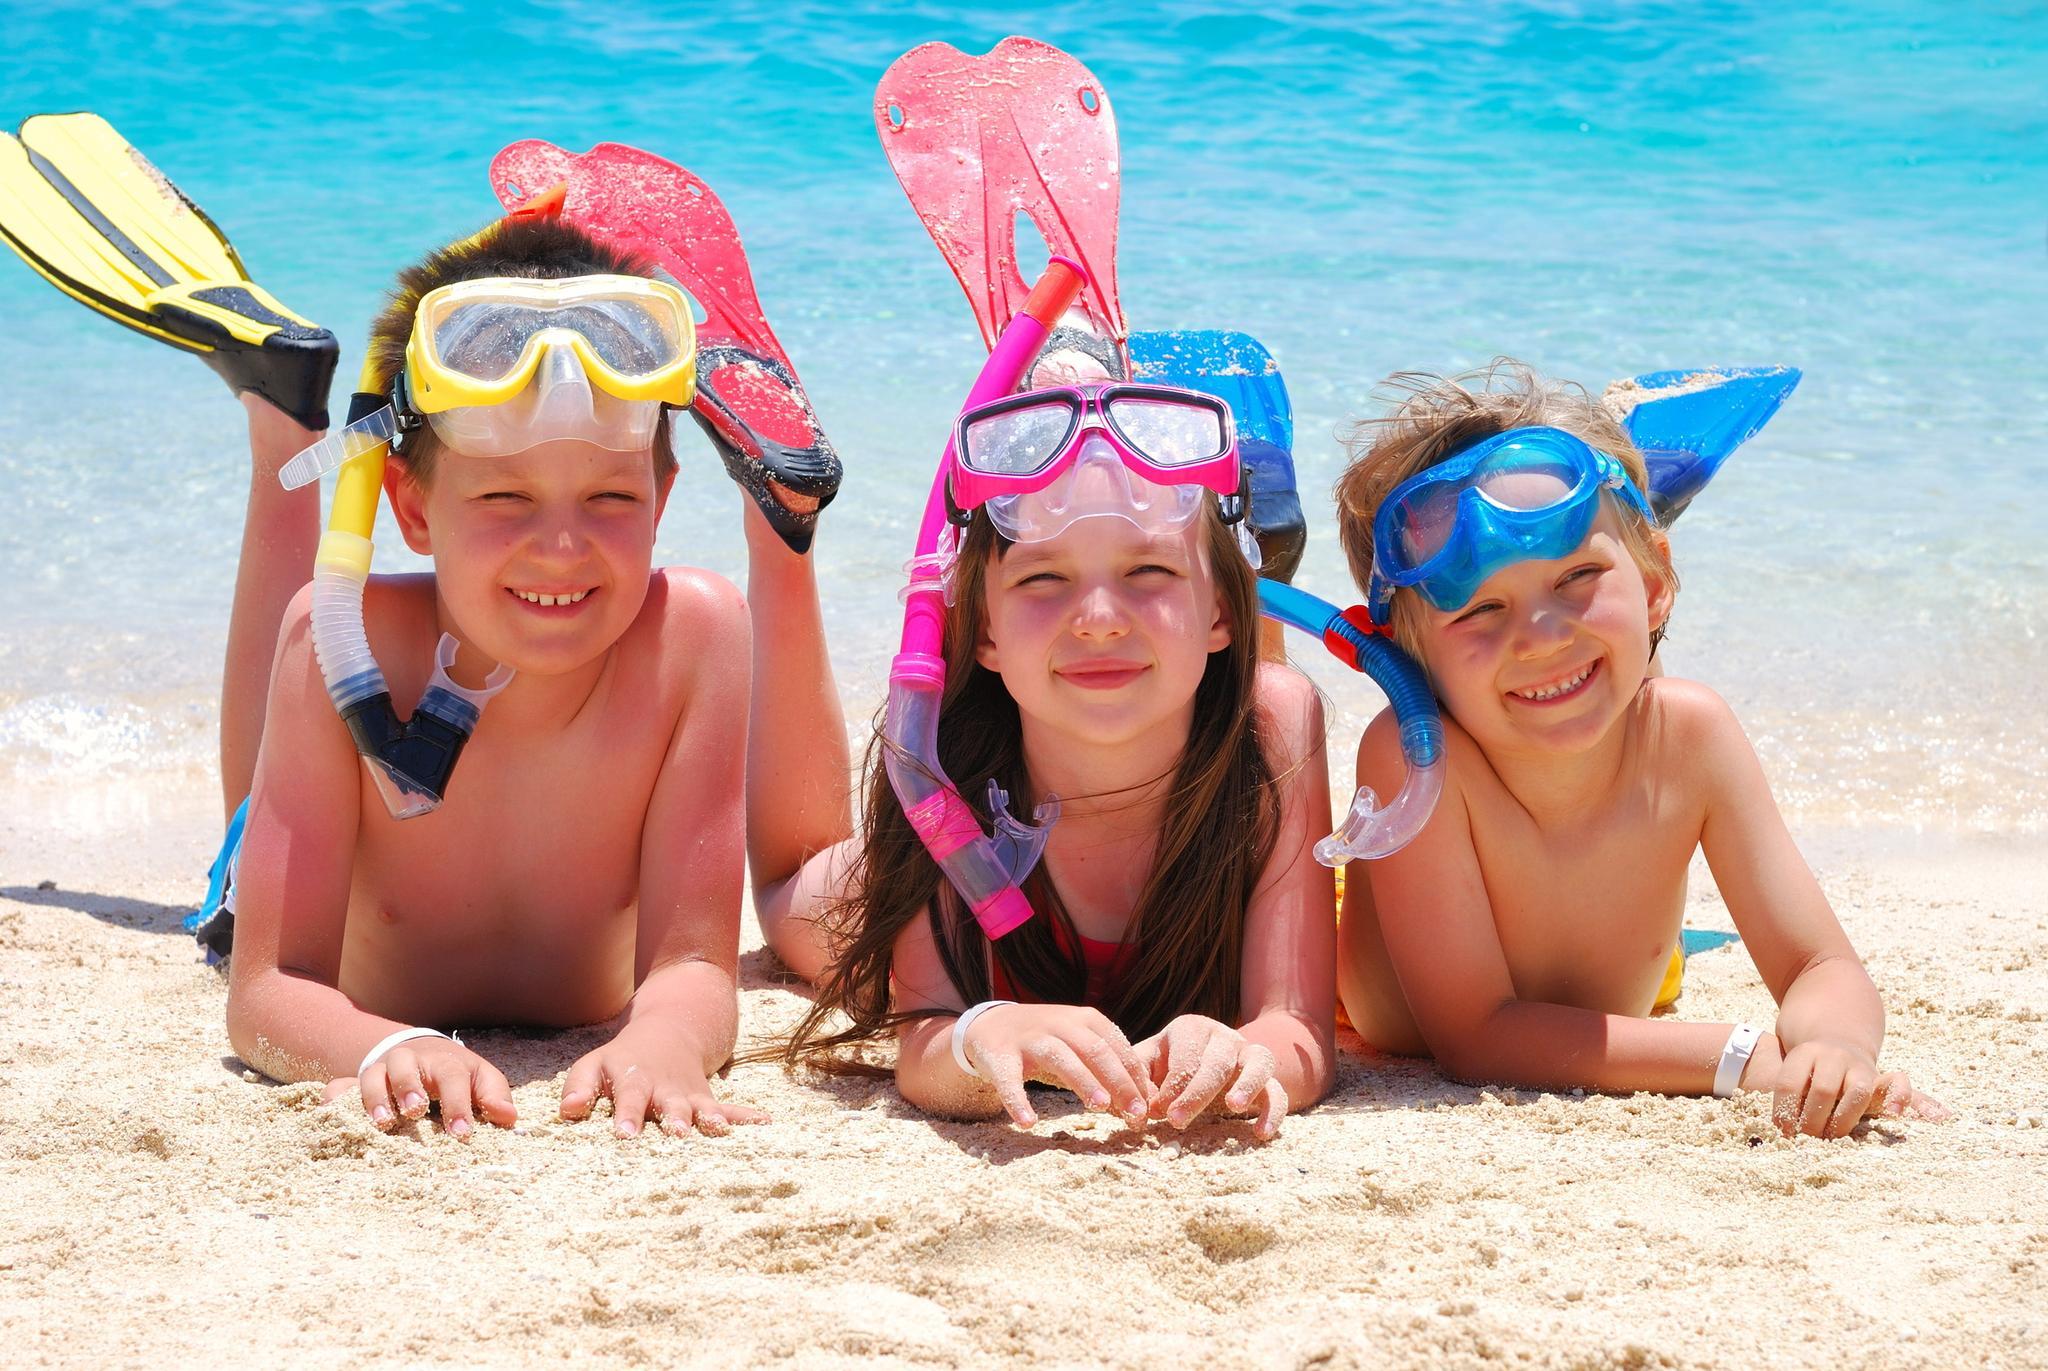 Лучшие курорты Европы для отдыха всей семьей в 2020 году